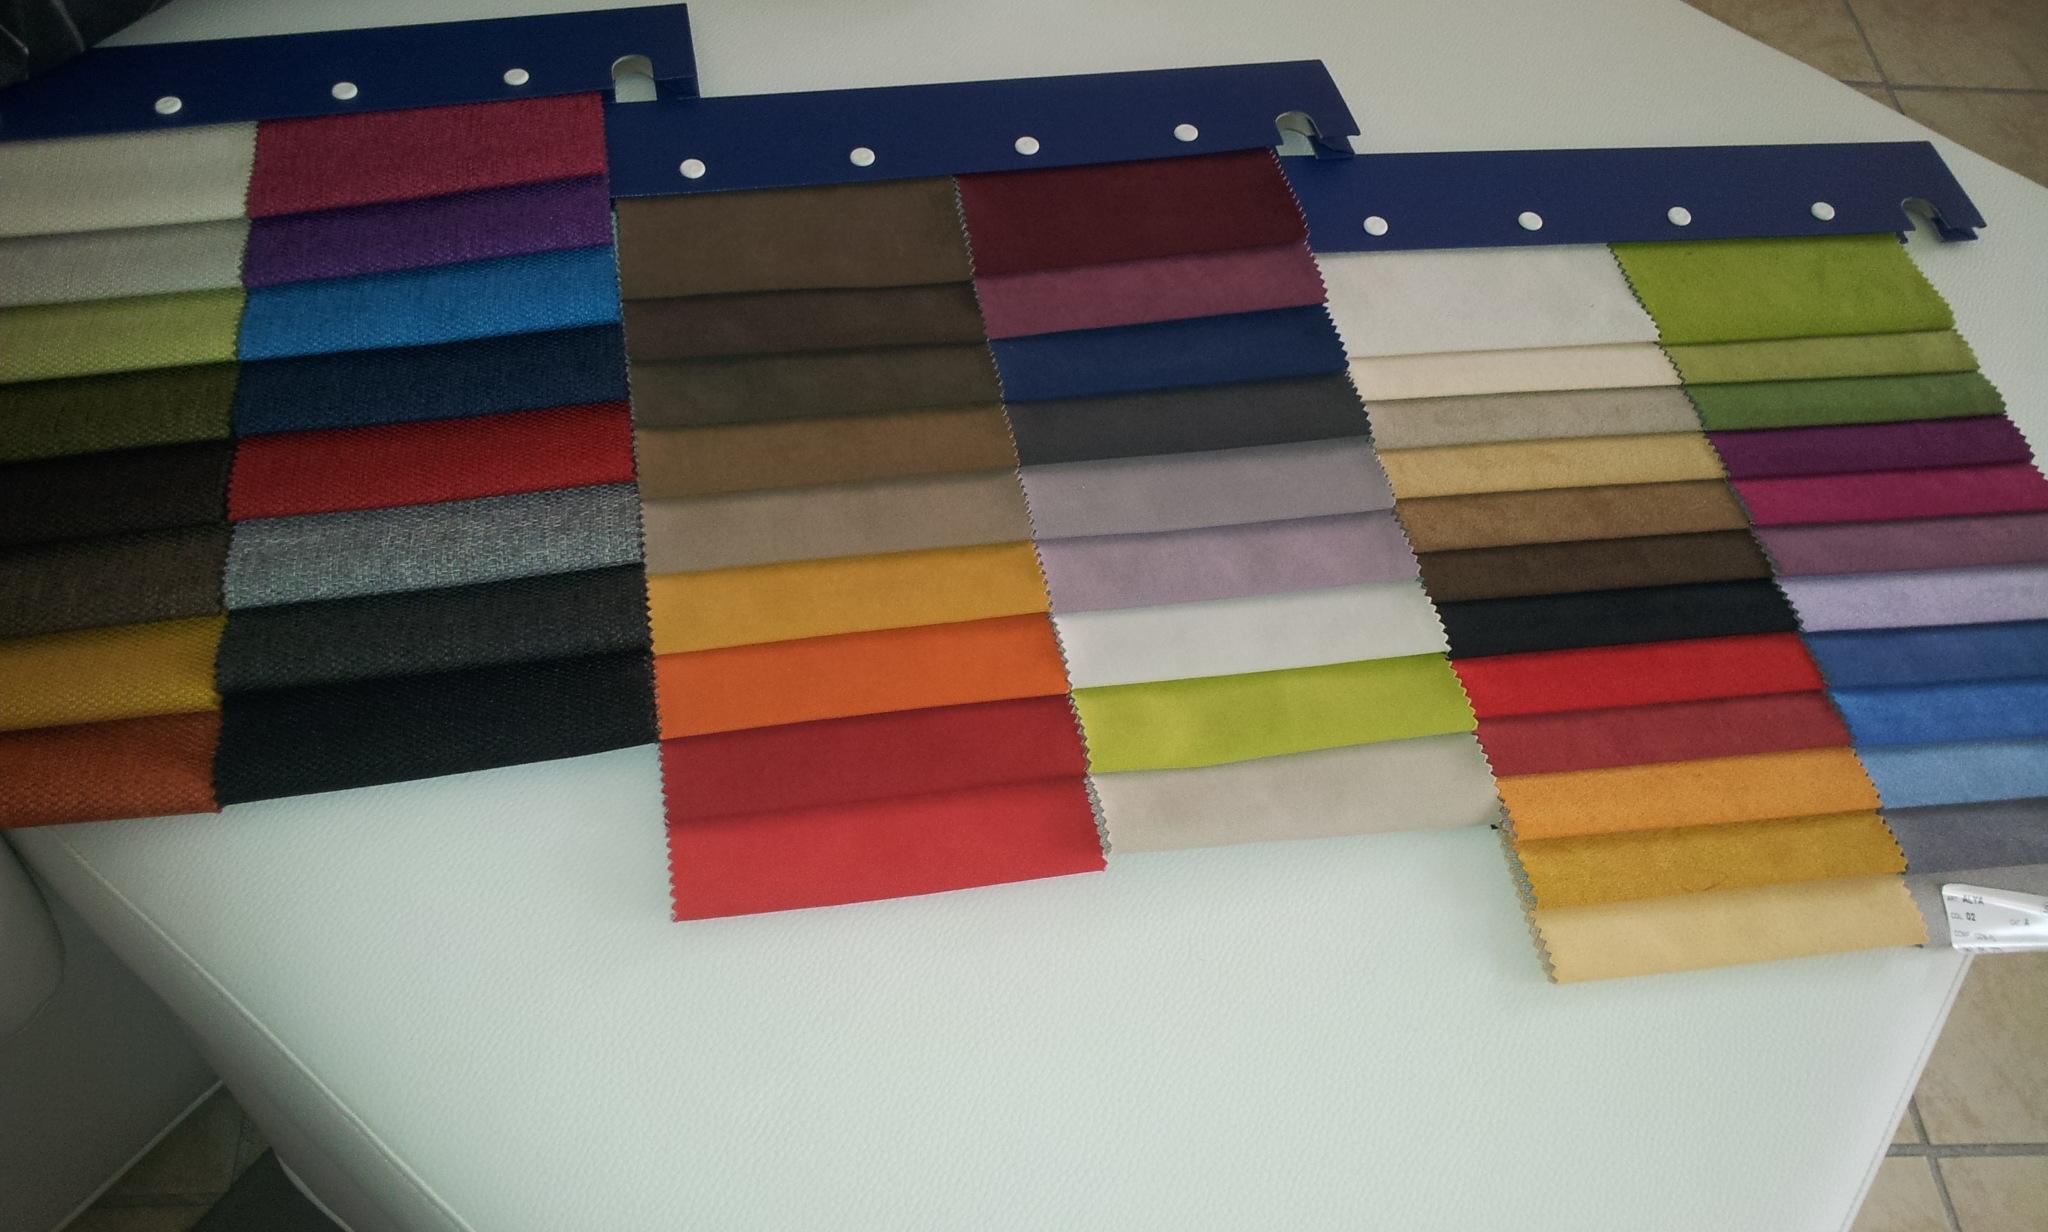 Divano classico samoa in tessuto sfoderabile divani a for Colori divani